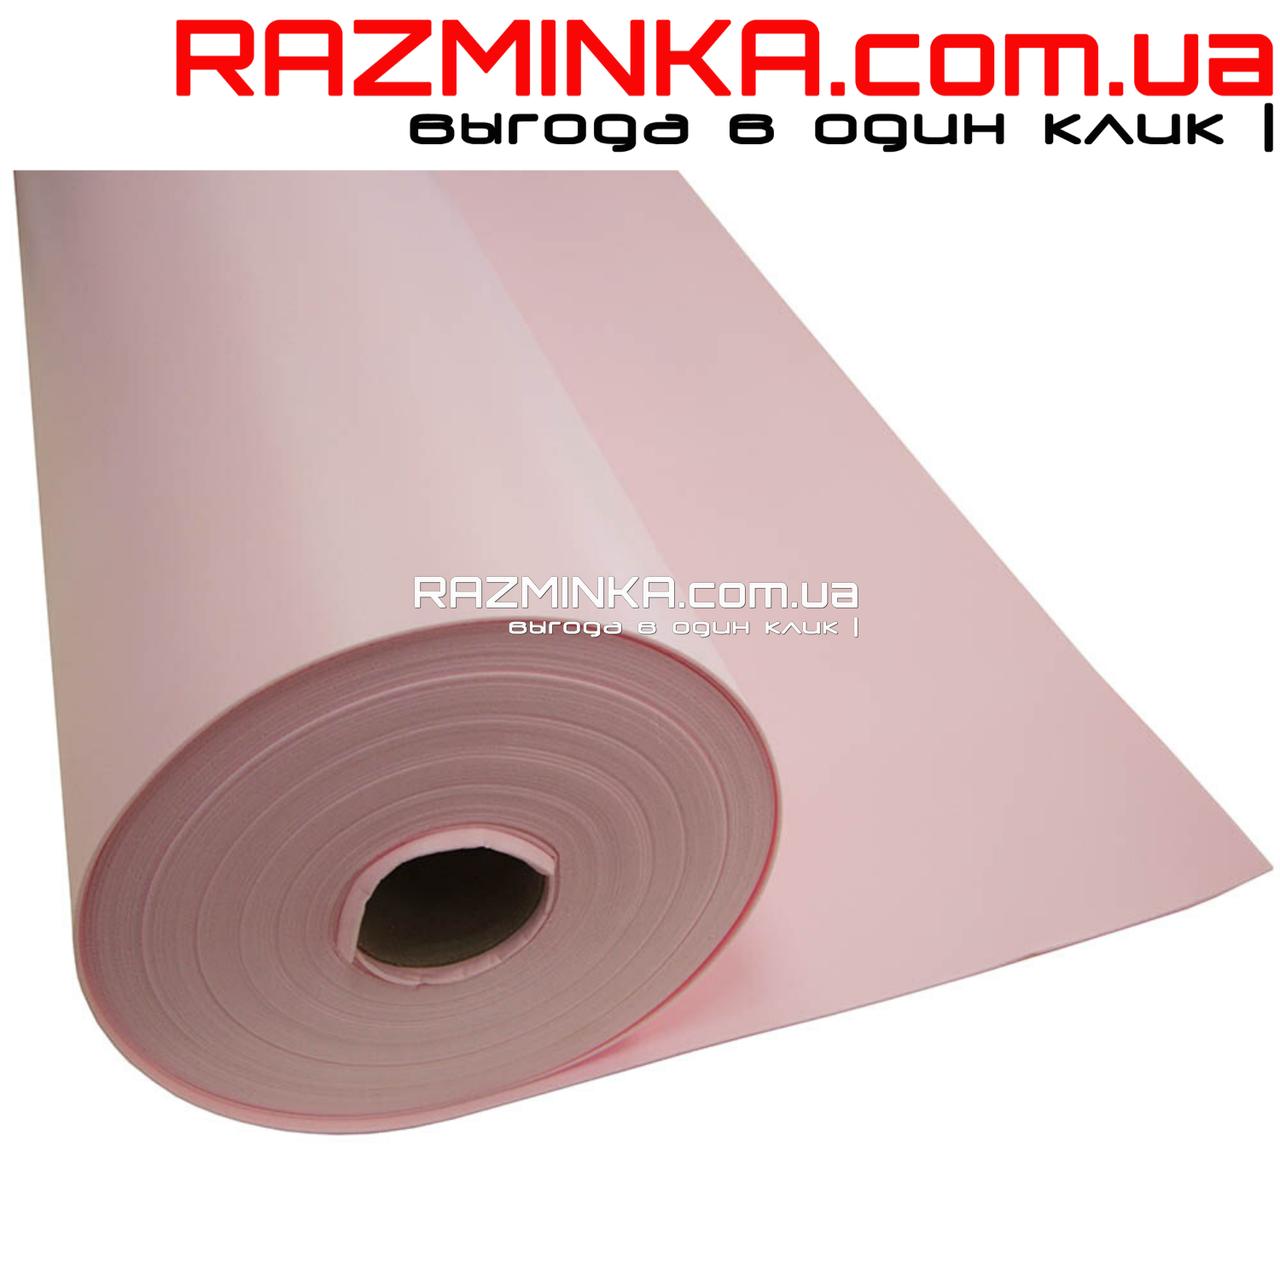 Цветной Изолон 2мм, розовый R149